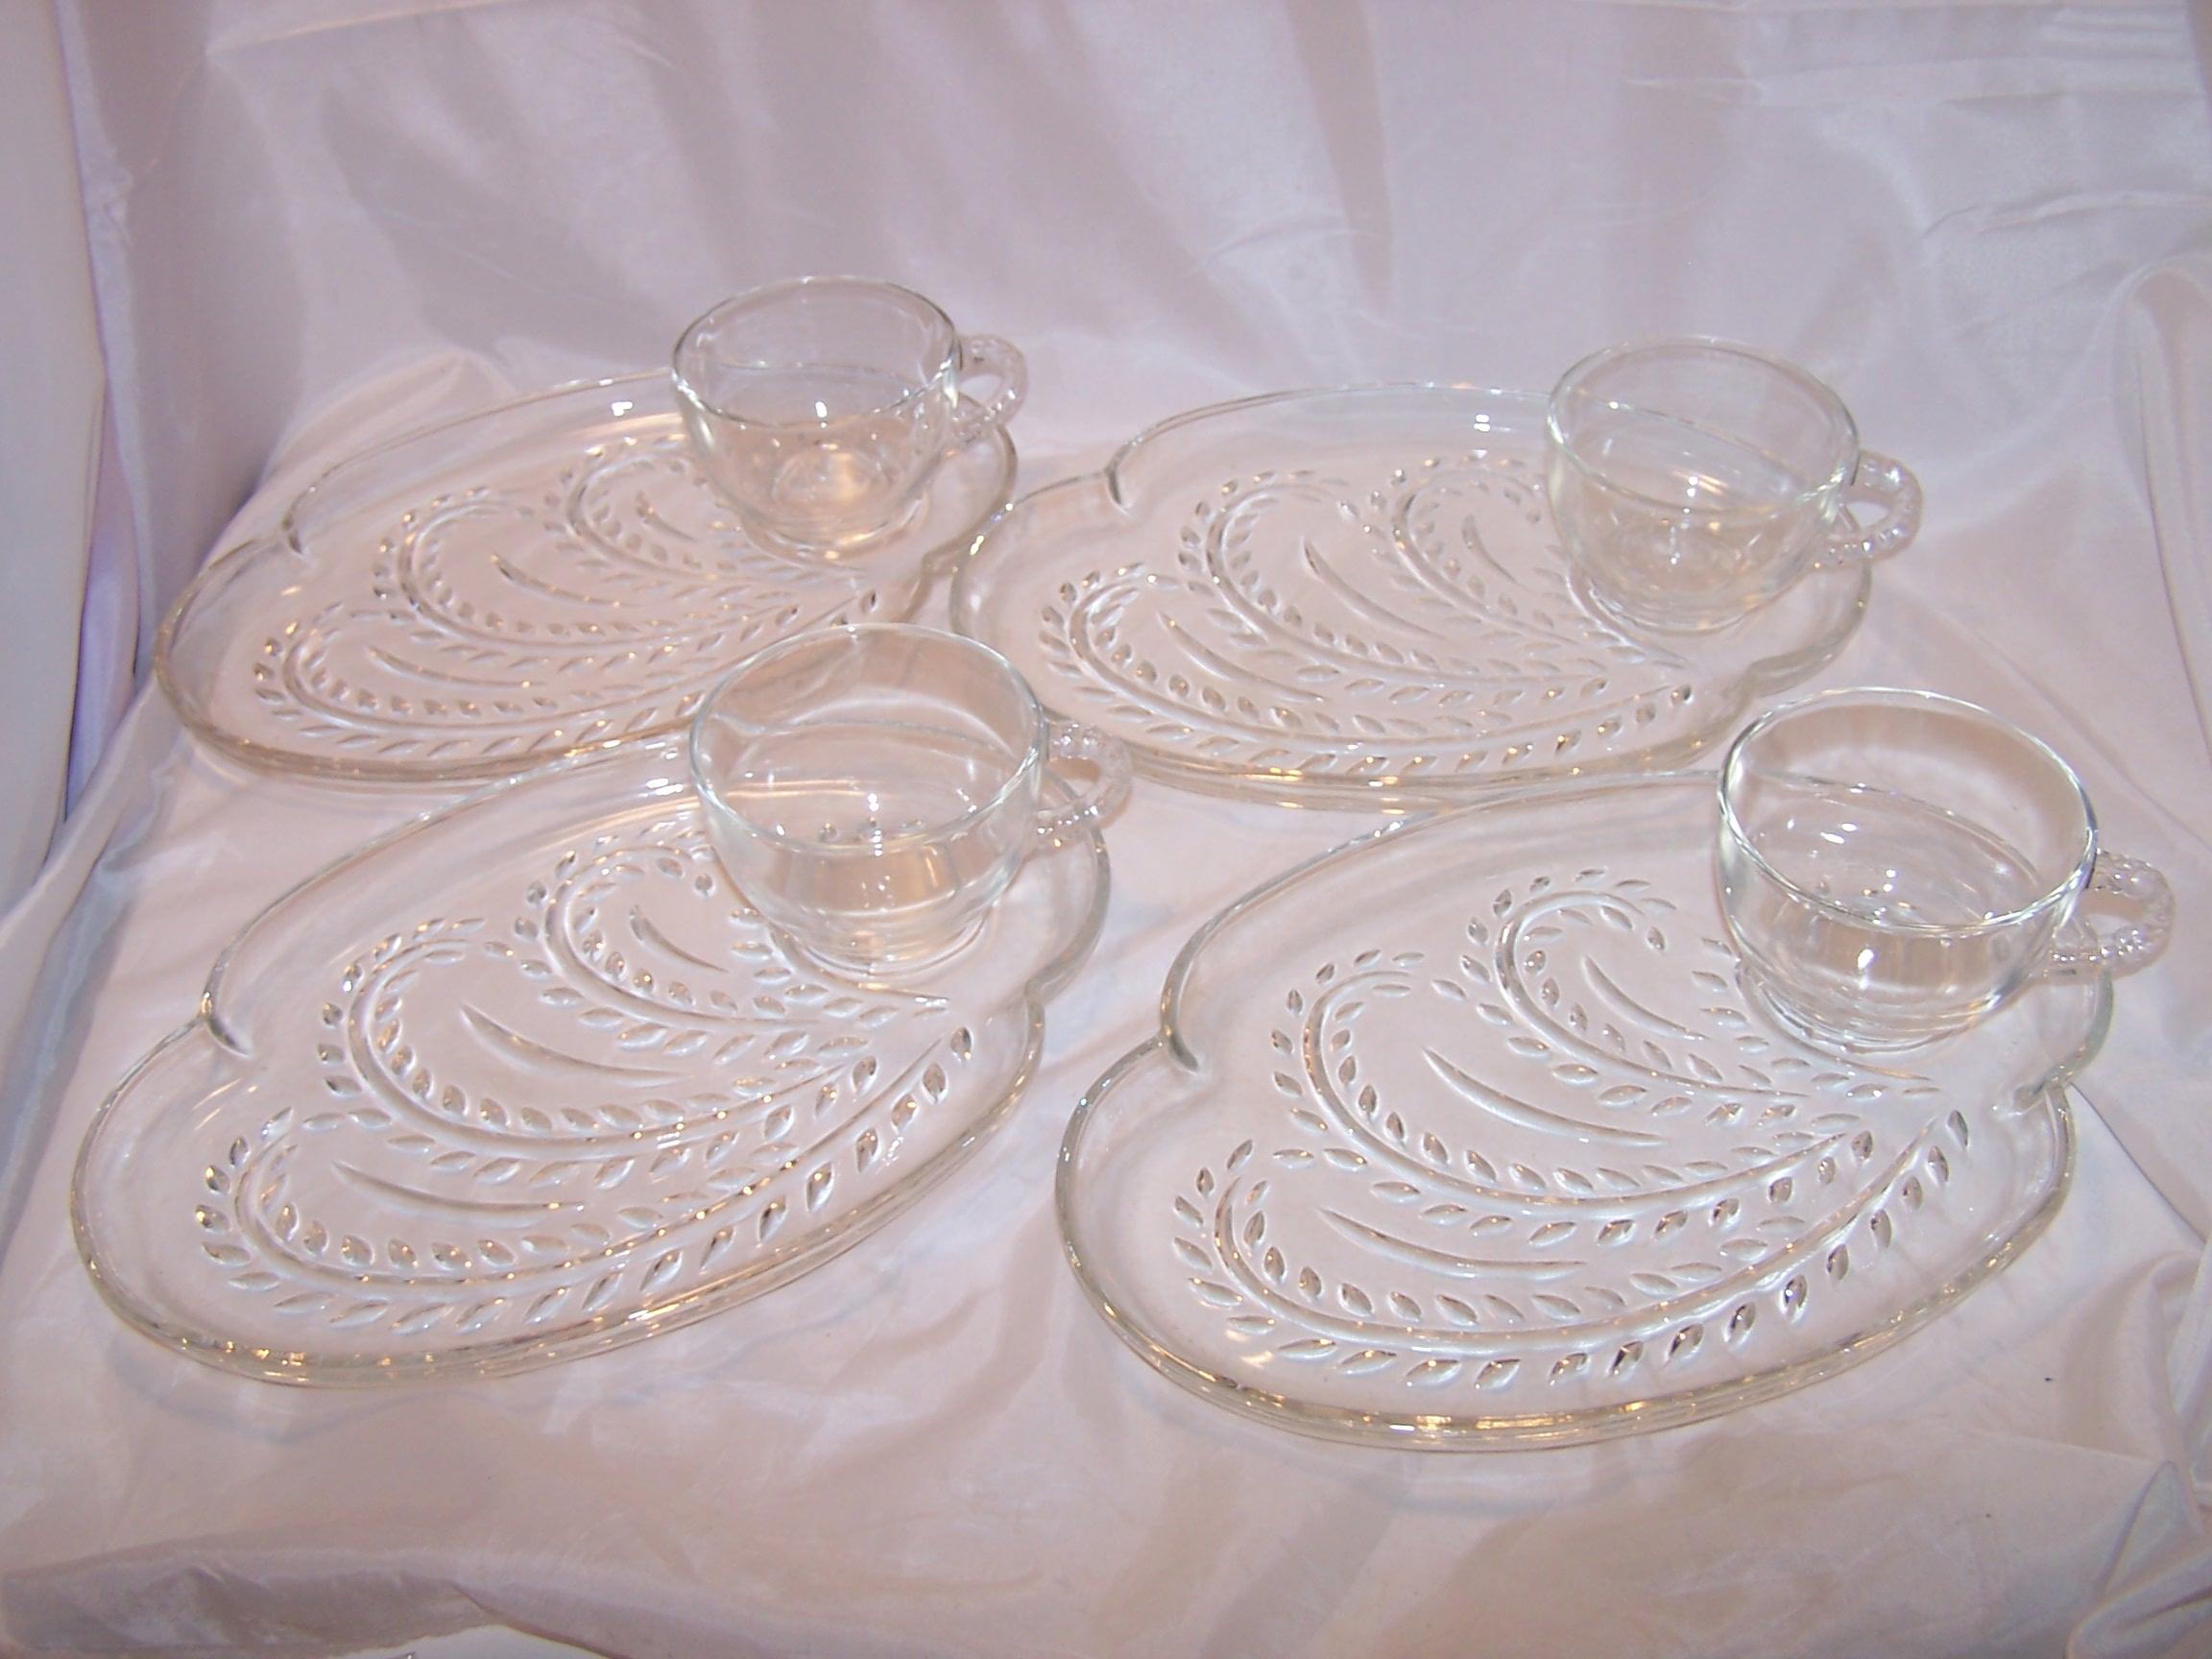 '.Four Plate, Four Teacup Set.'